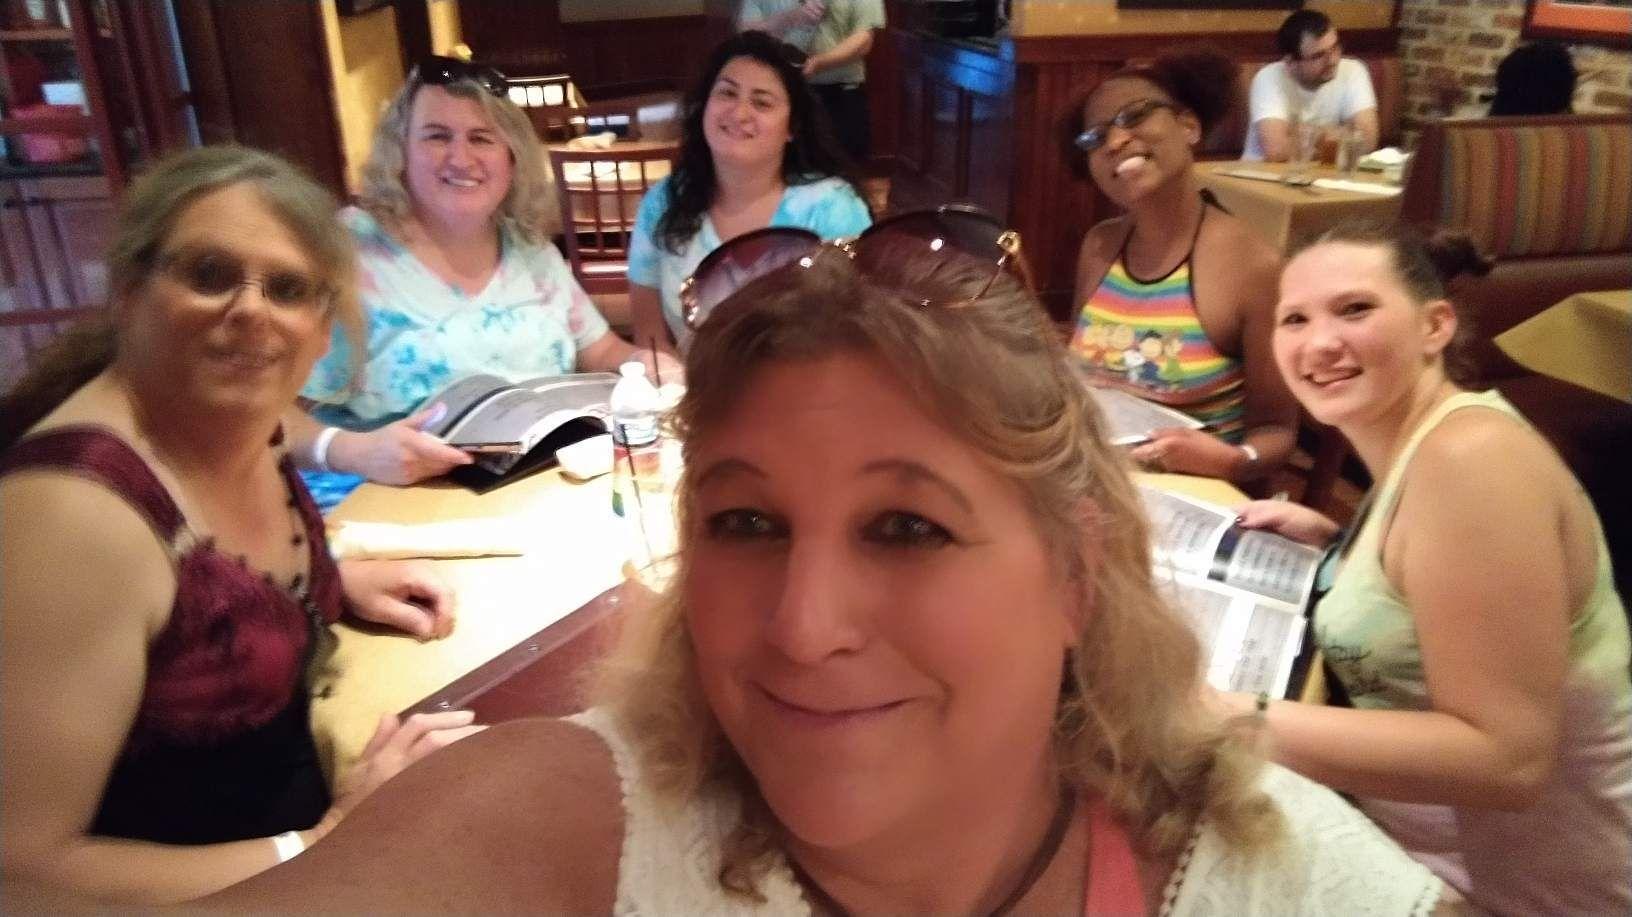 Annapolis Transgender Ladies of the Chesapeake